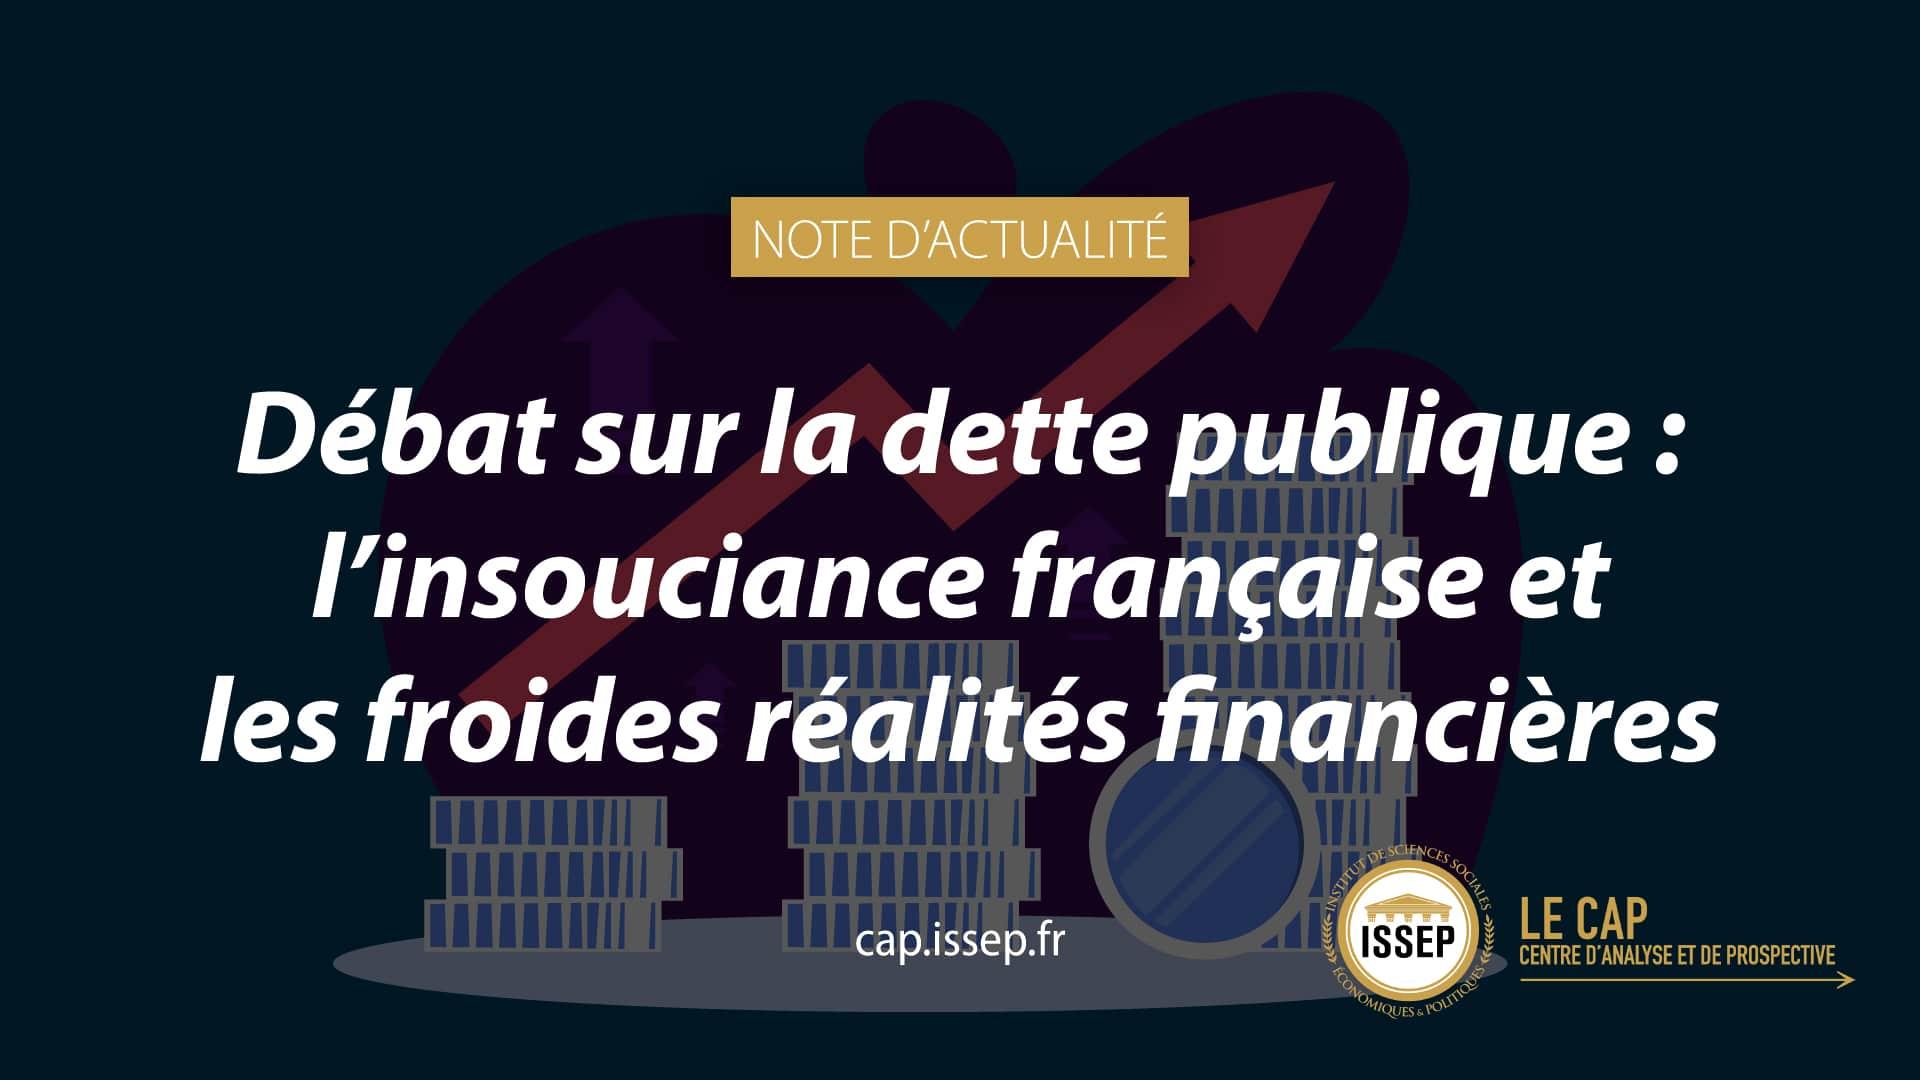 Note d'actualité du CAP de l'ISSEP - Dette publique